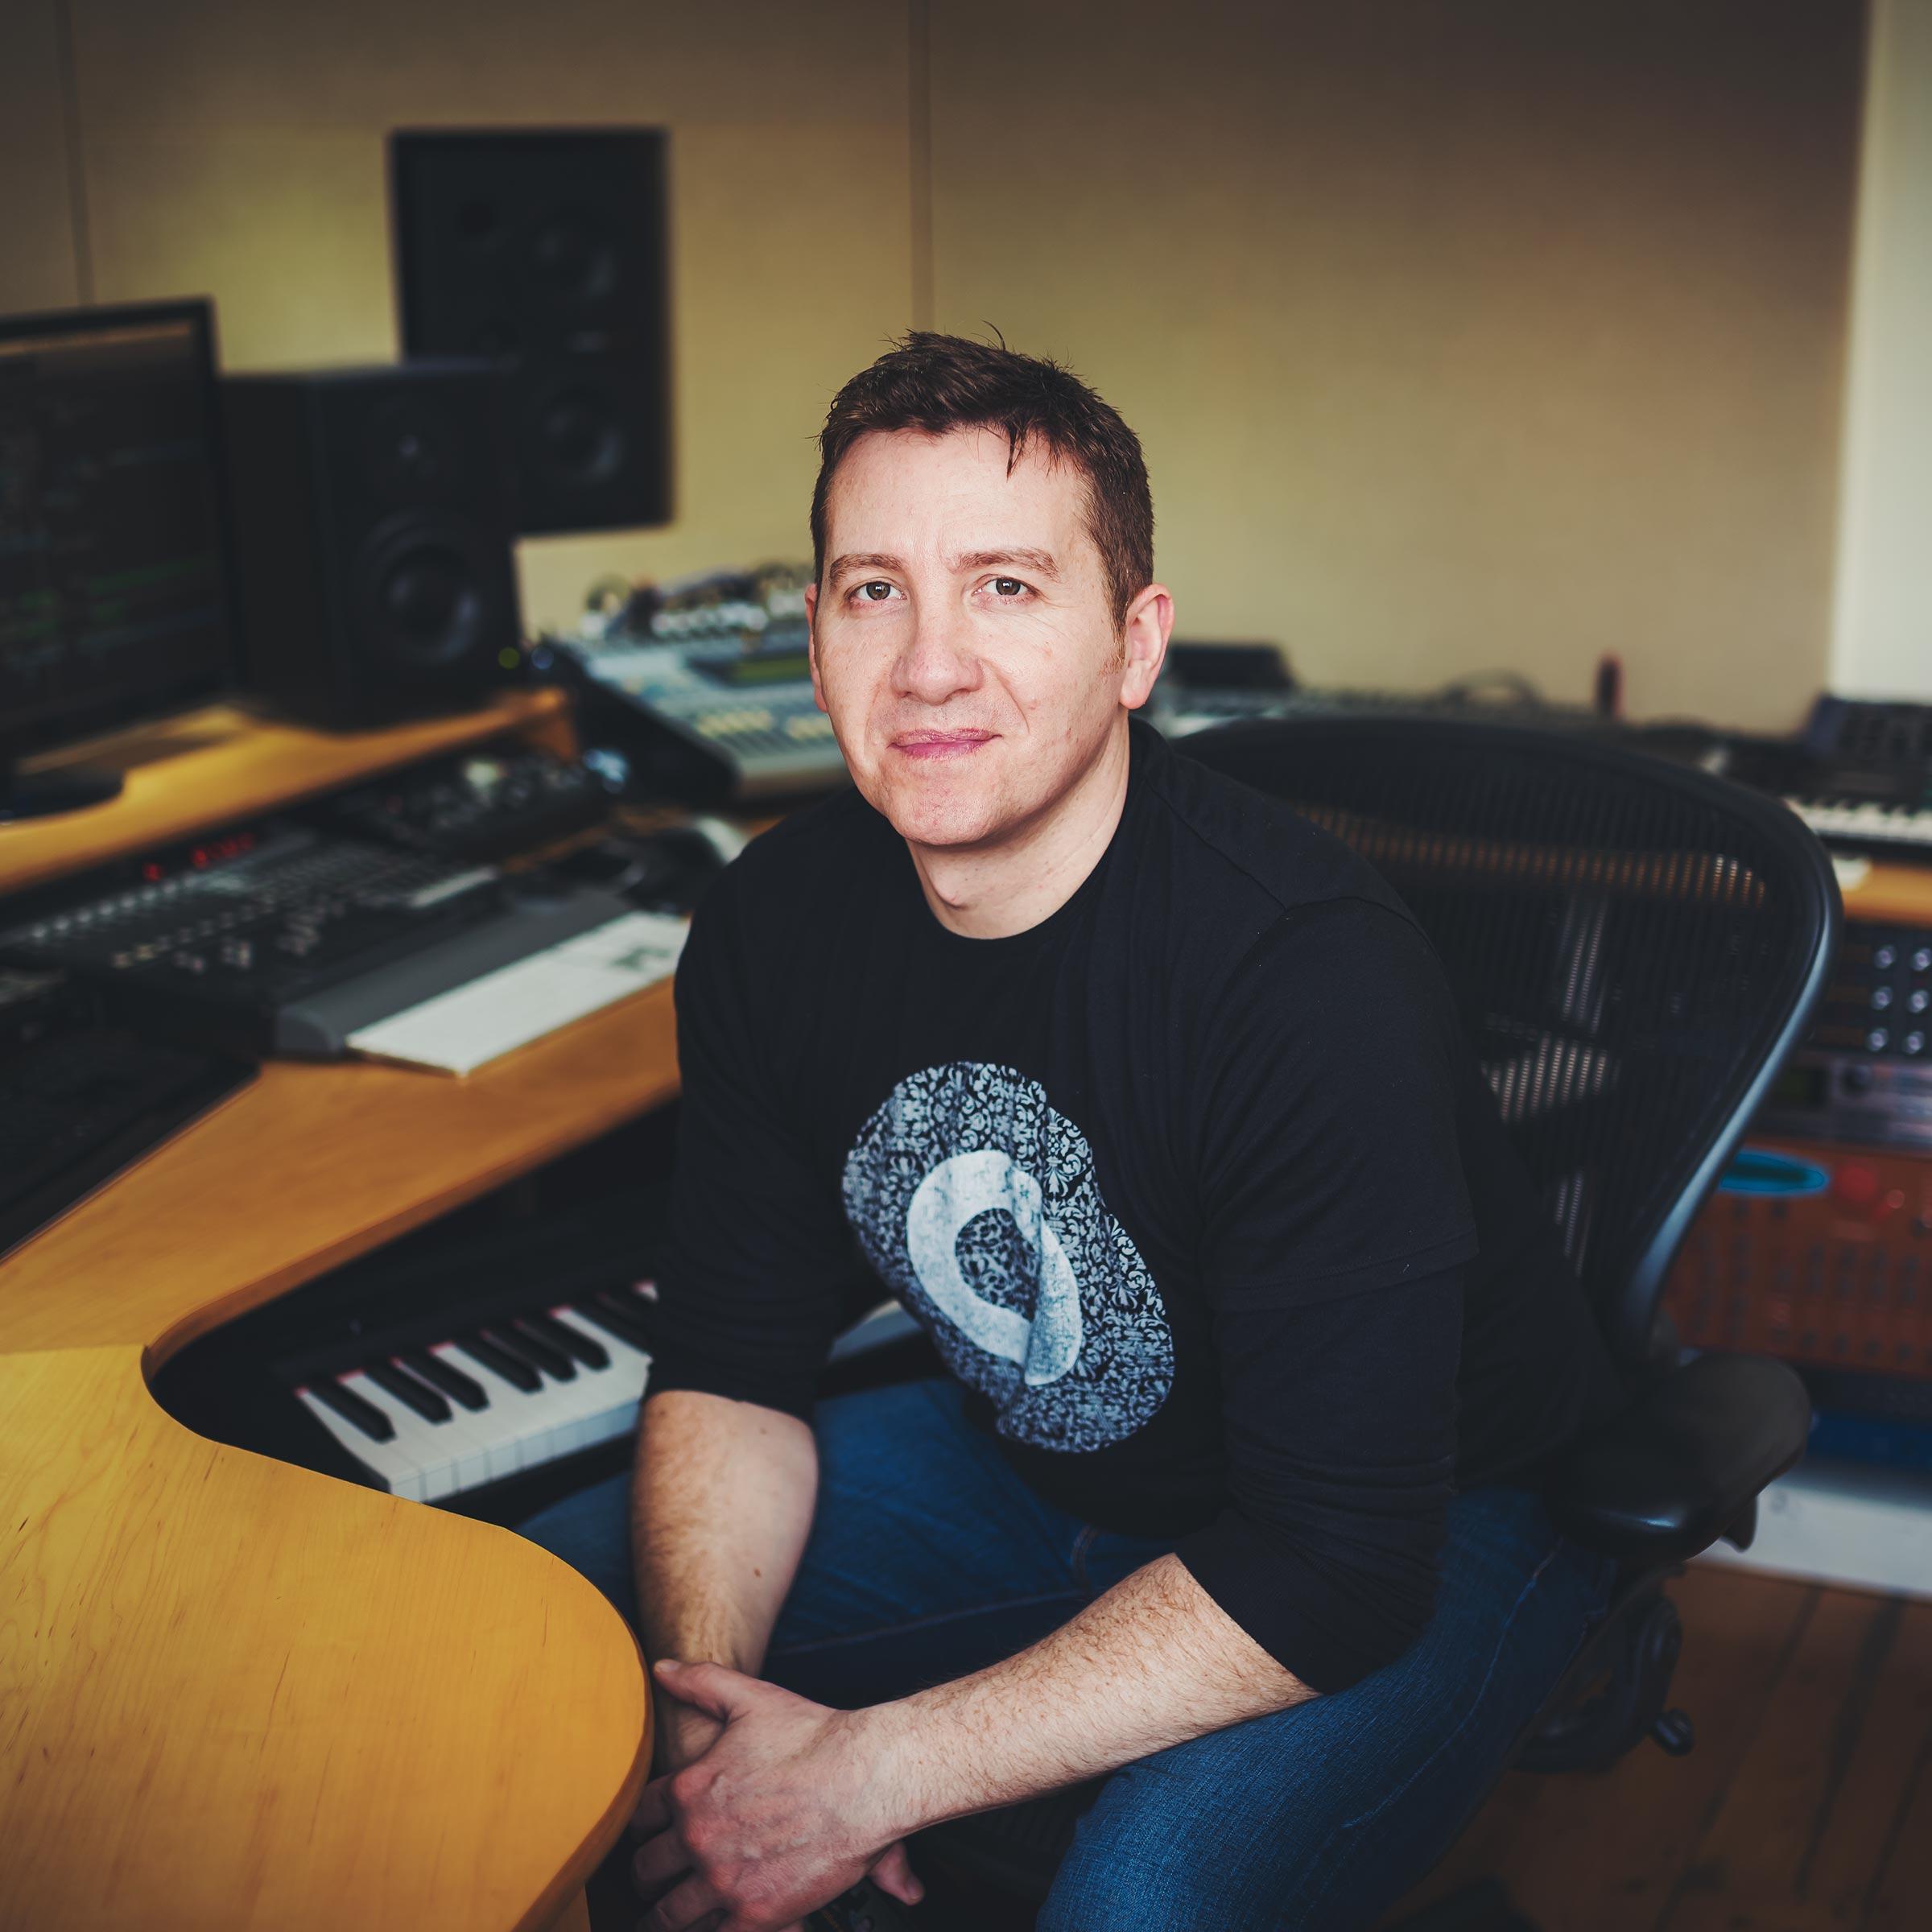 Justin-S-In-The-Studio